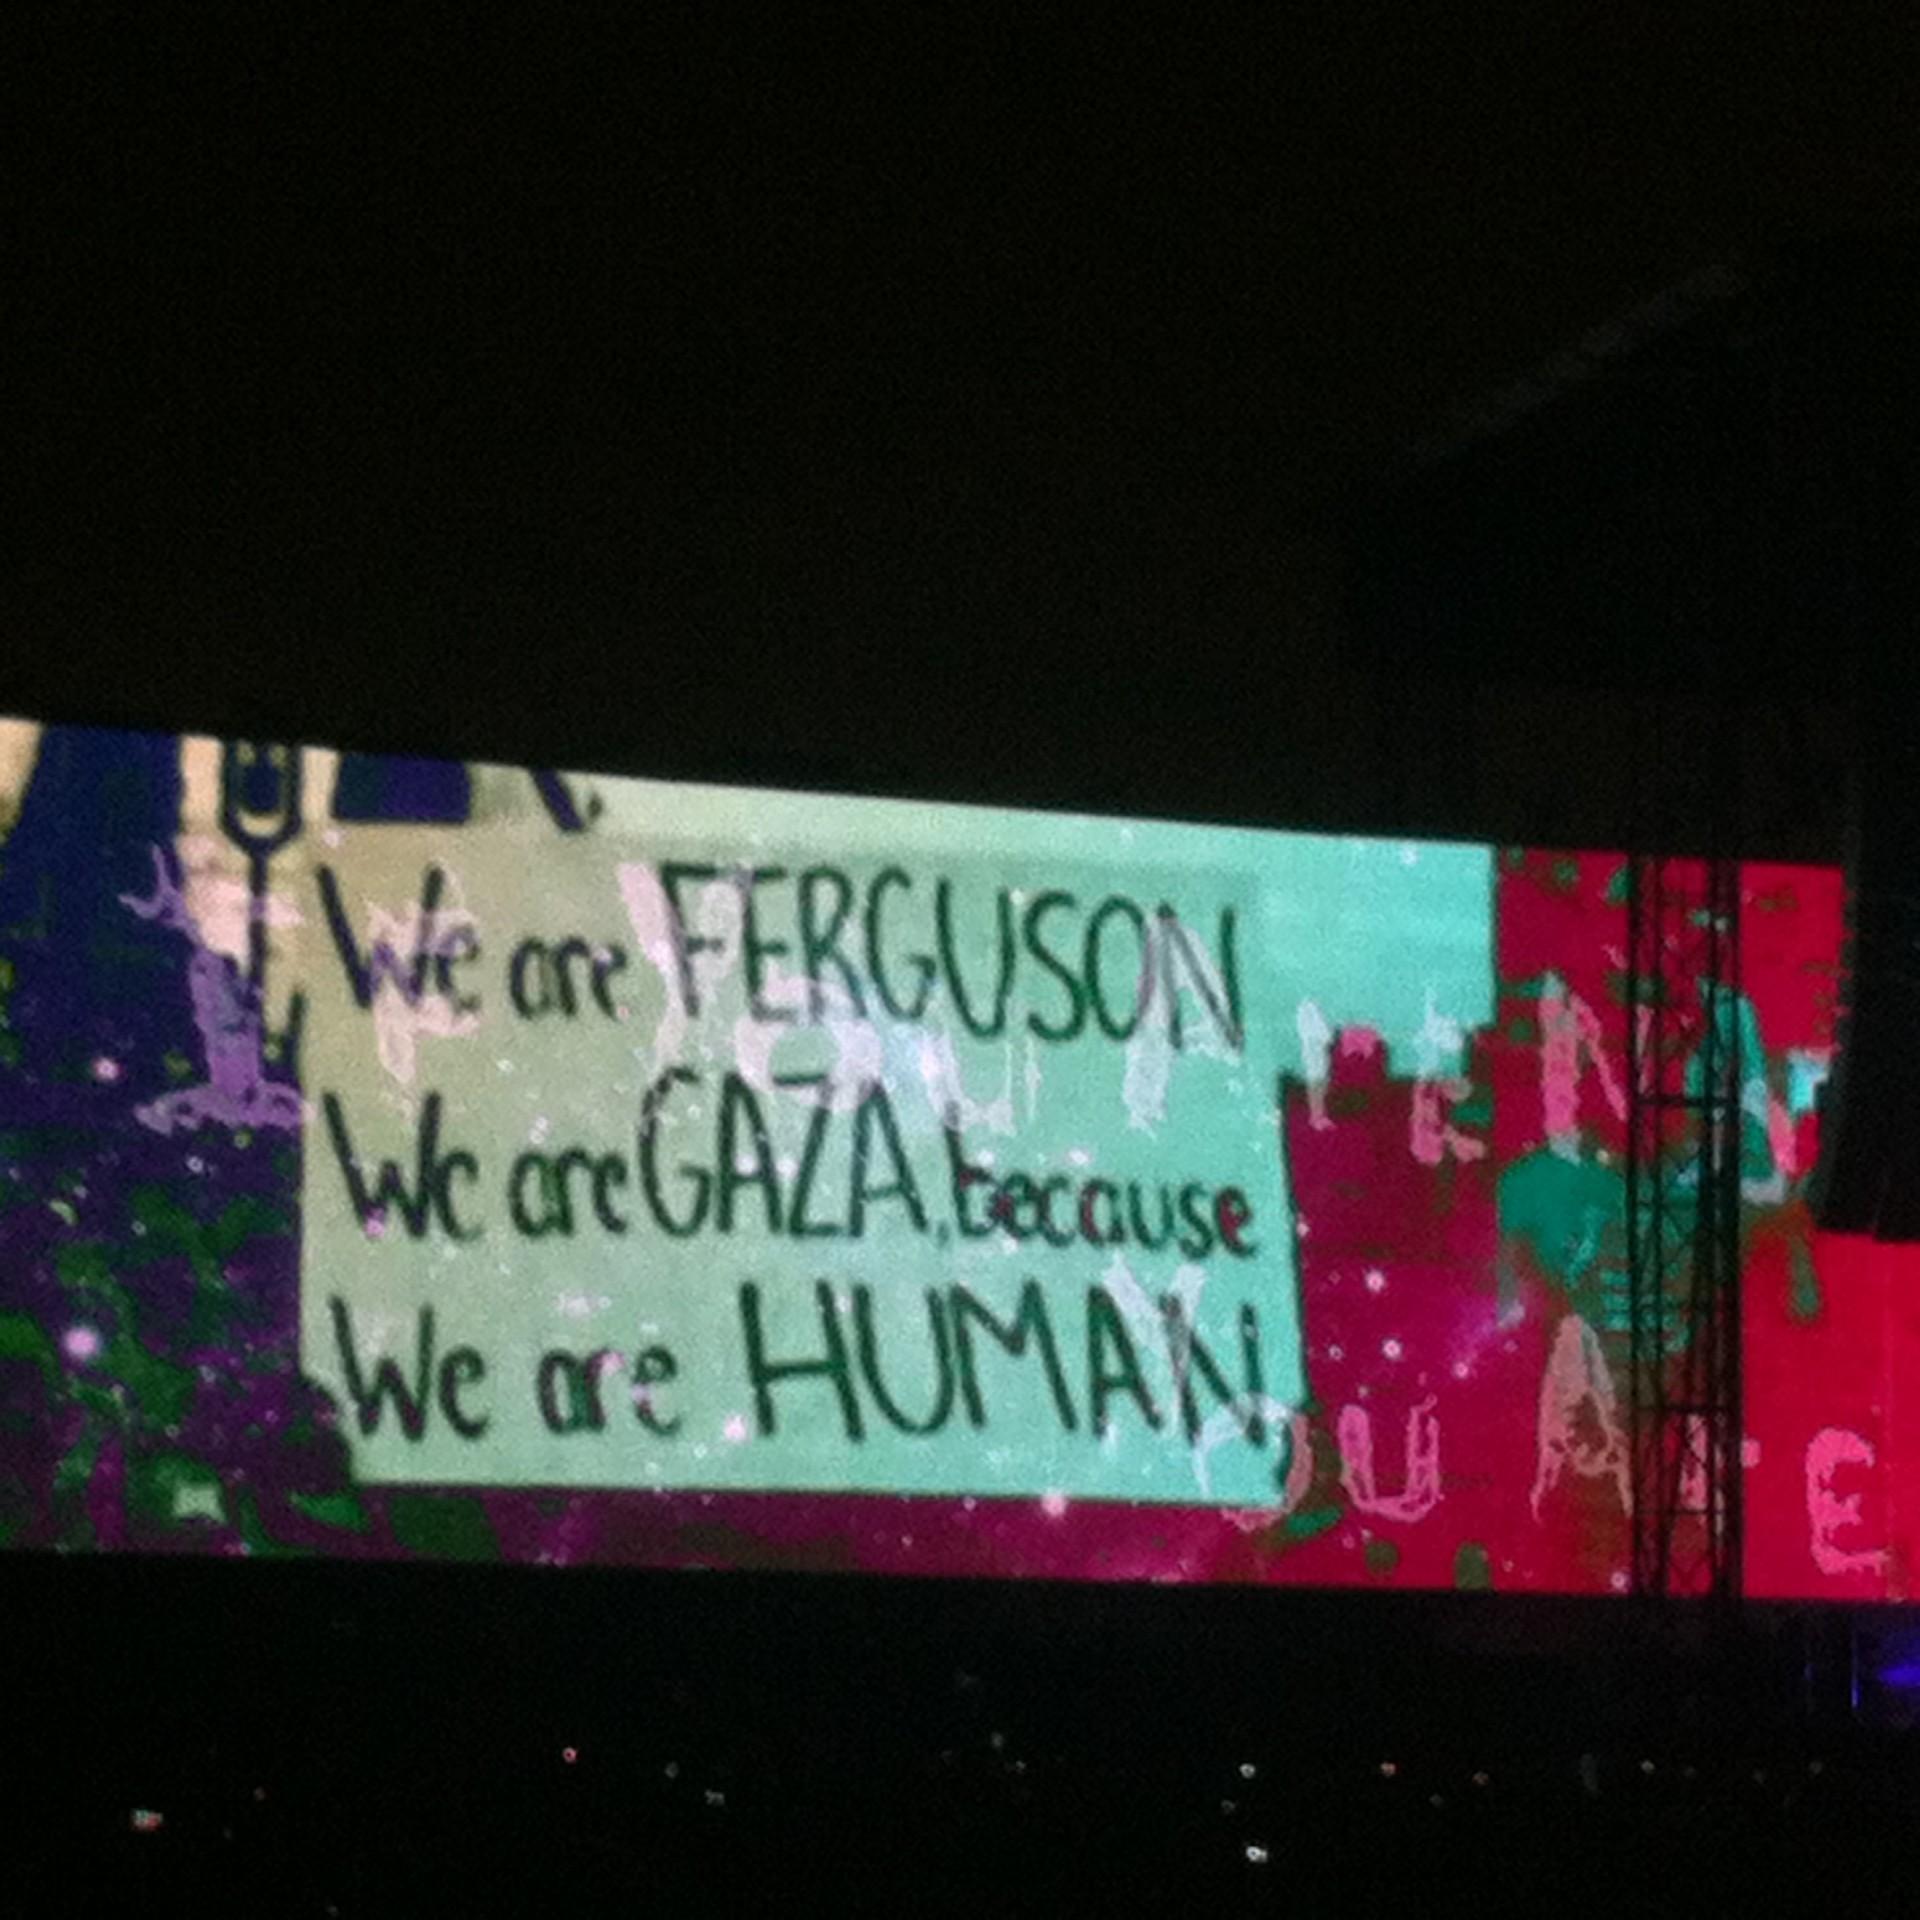 Mensajes proyectados durante el concierto de Waters en México